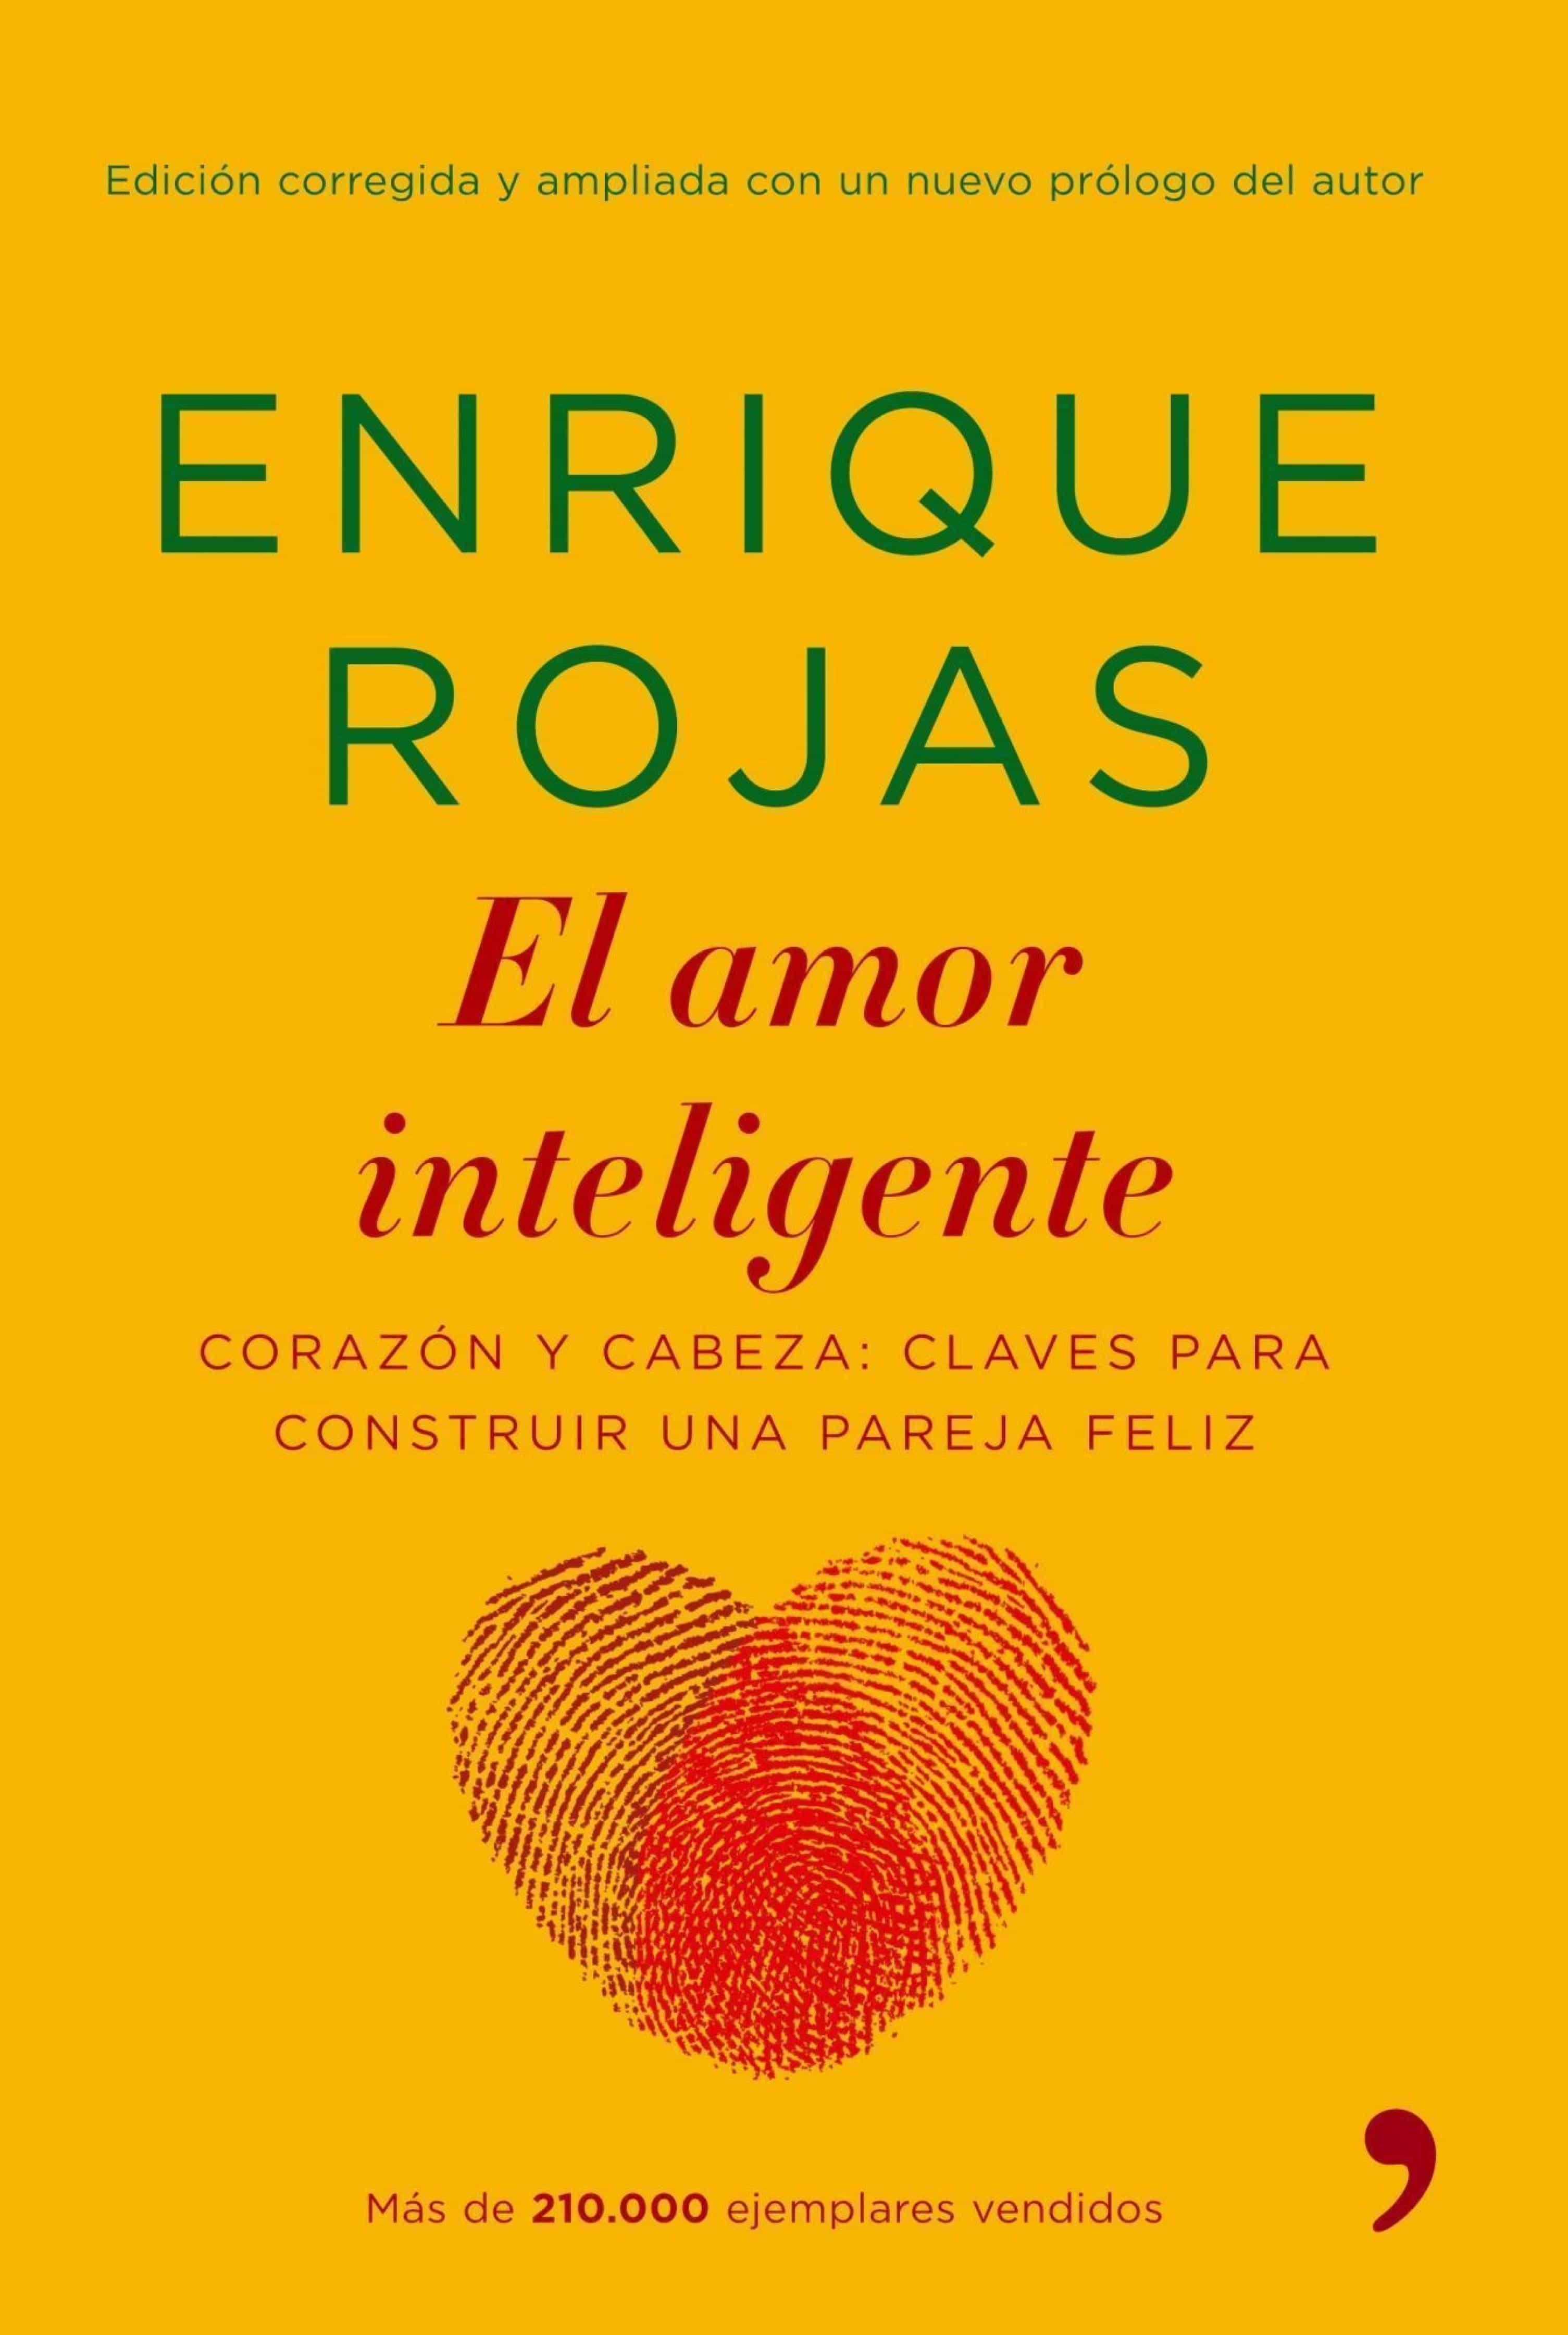 El Amor Inteligente Ebook Enrique Rojas Descargar Libro Pdf O